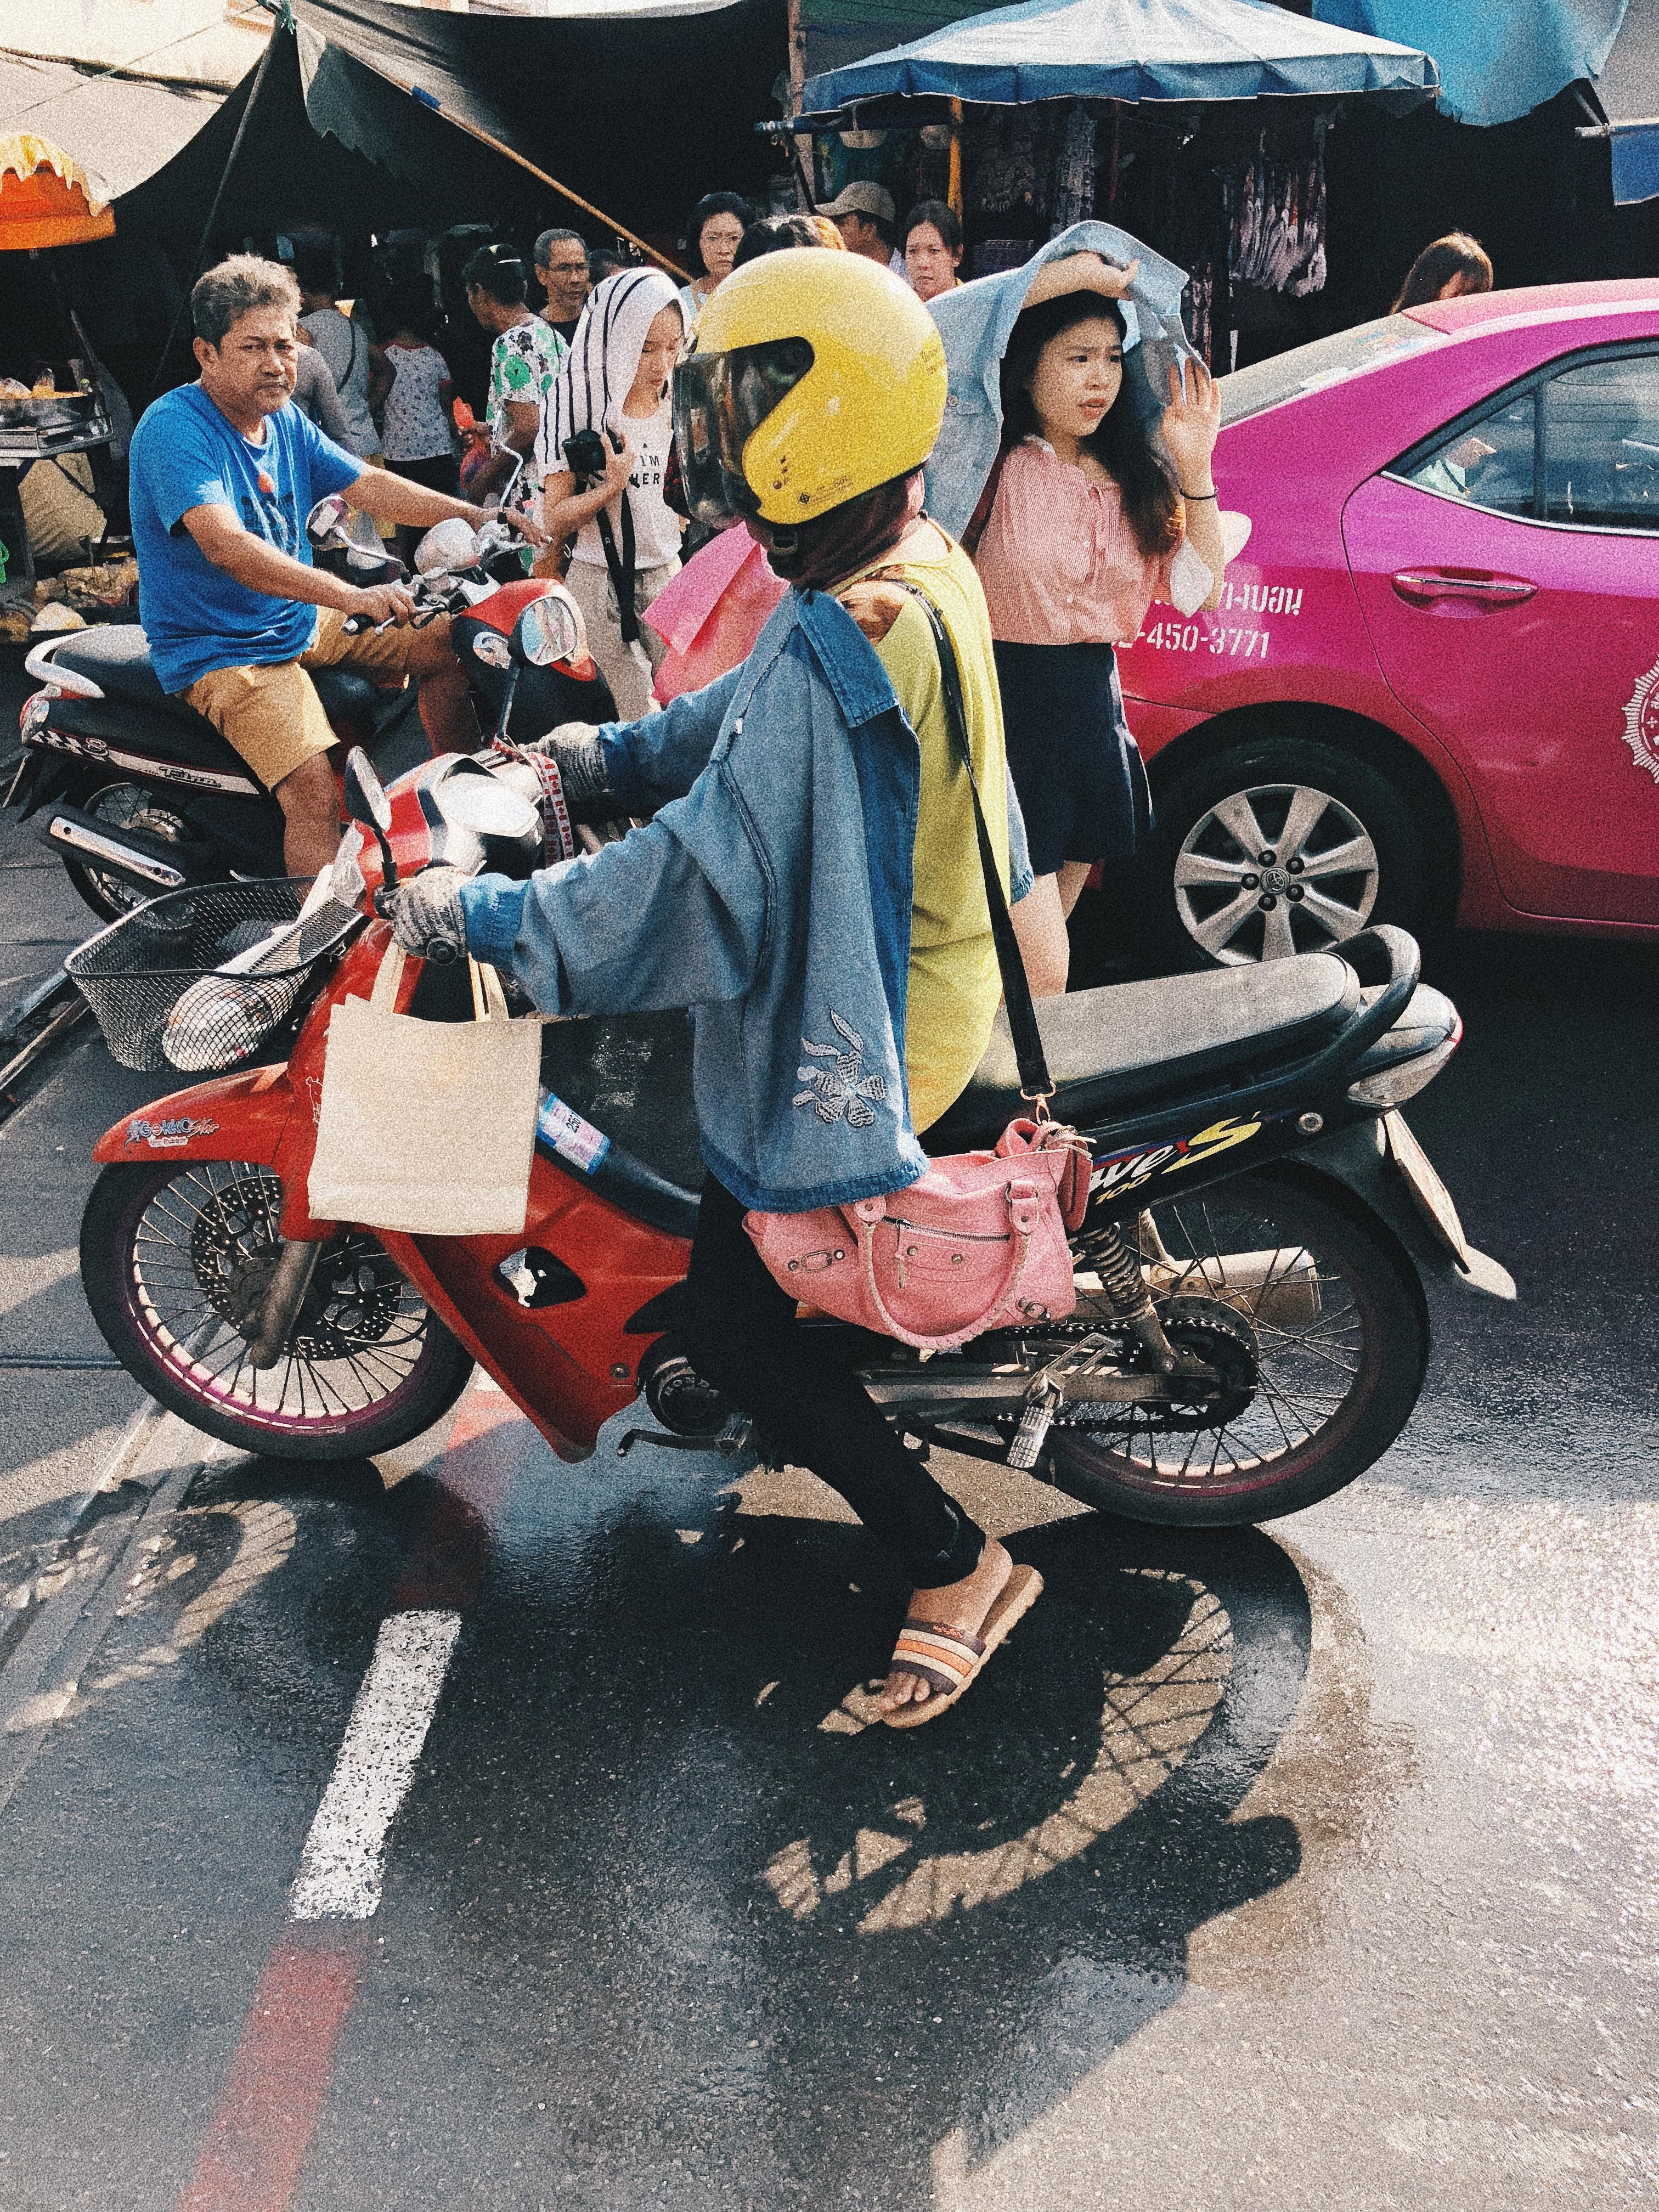 O estilo vida real do tailandês. Foto: Augusto Mariotti